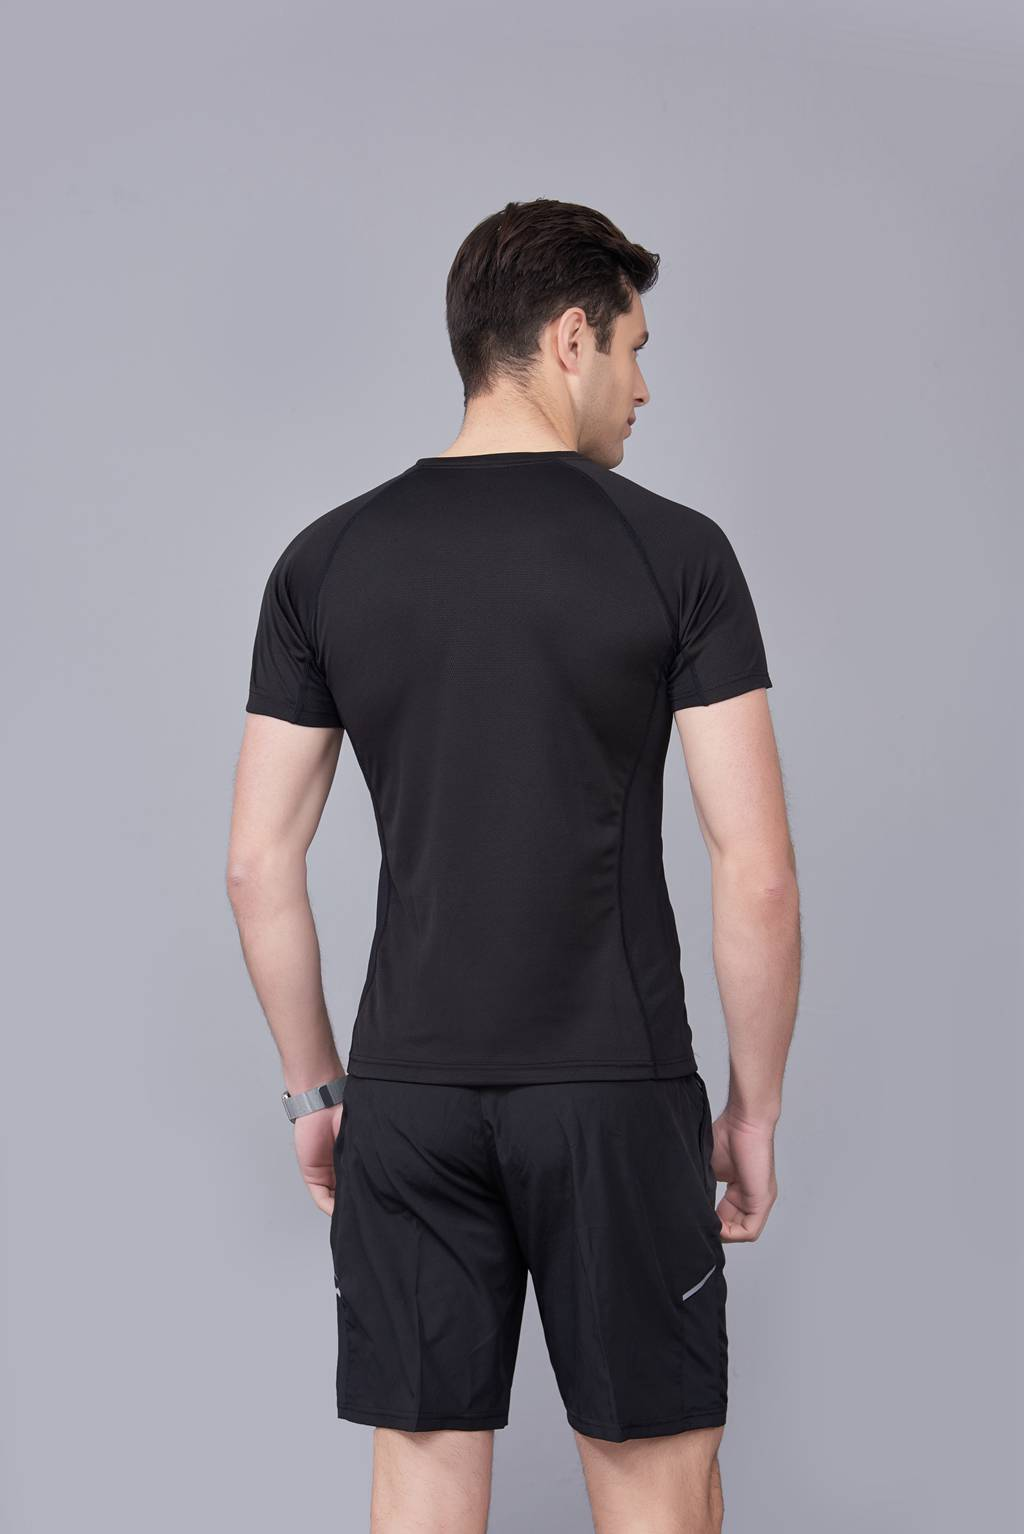 纯色T恤  简约大方经典时尚  黑色